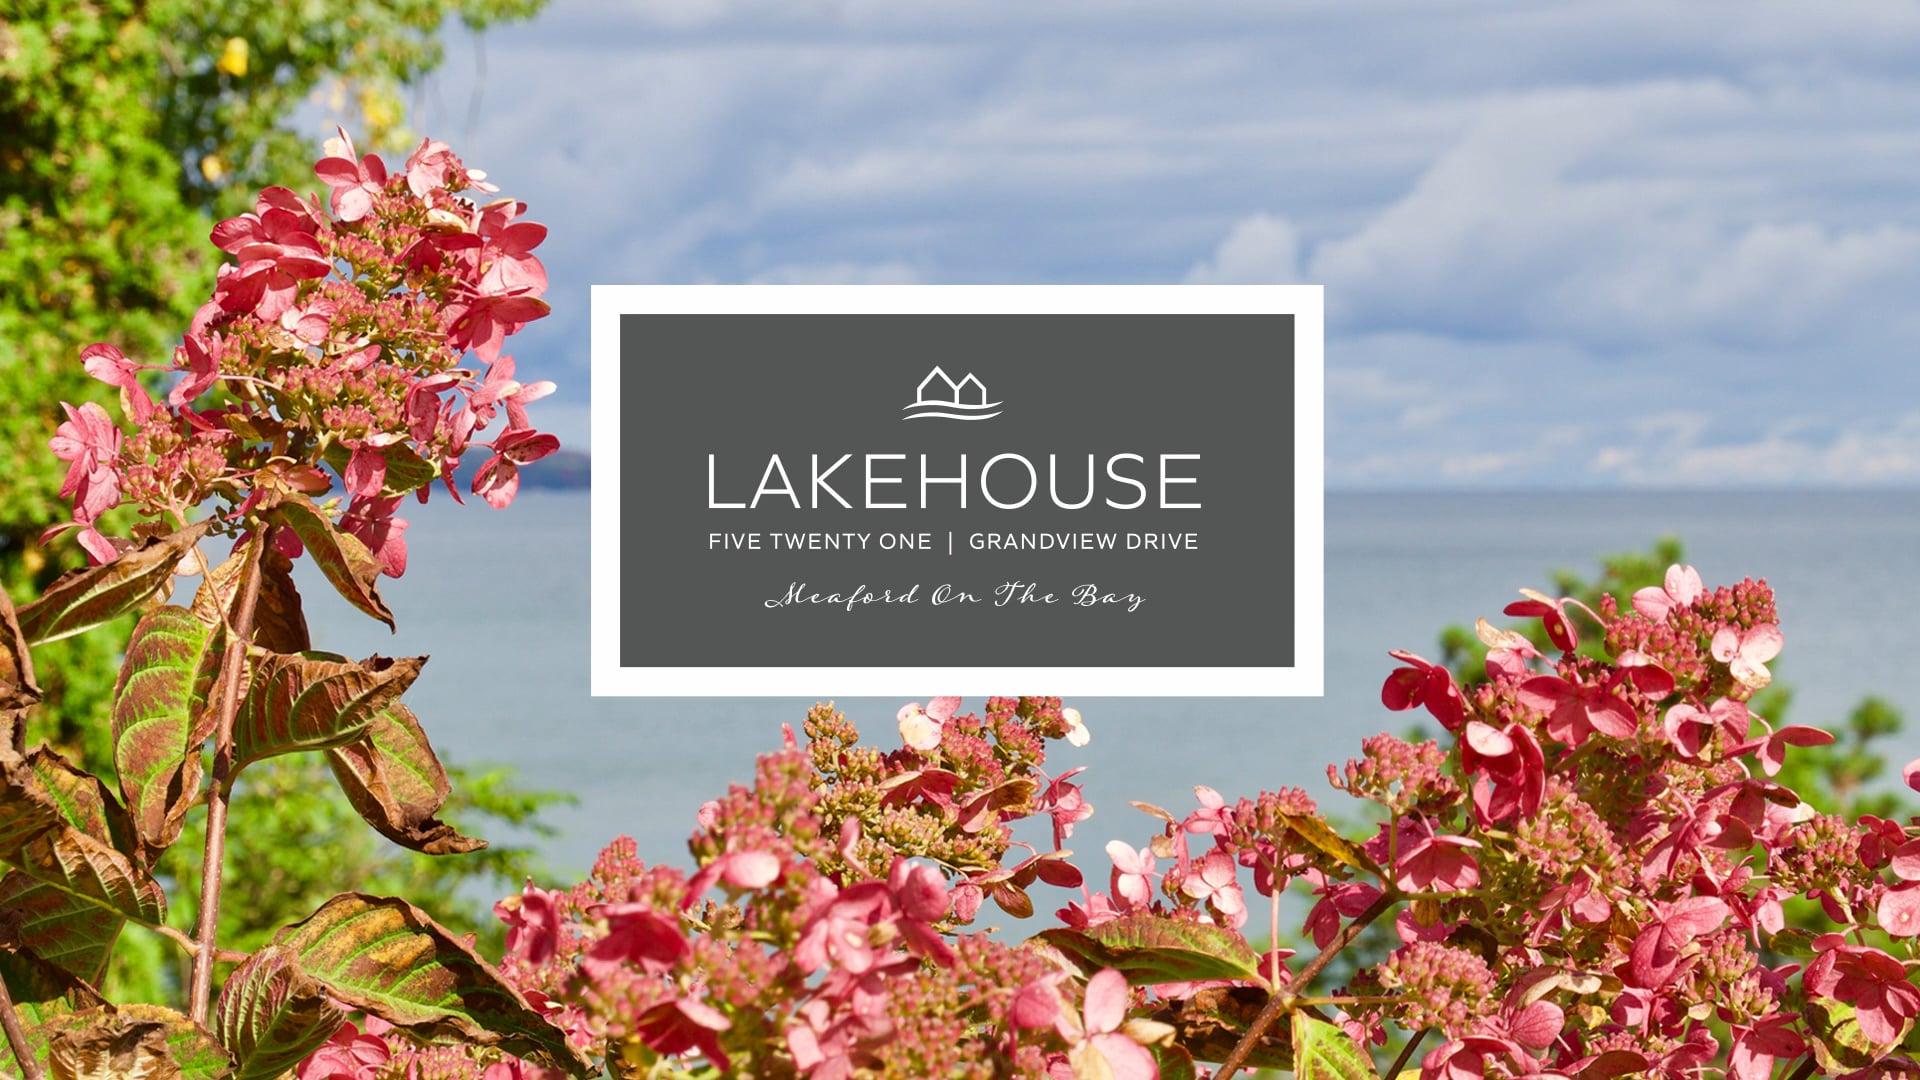 Lakehouse Georgian Bay